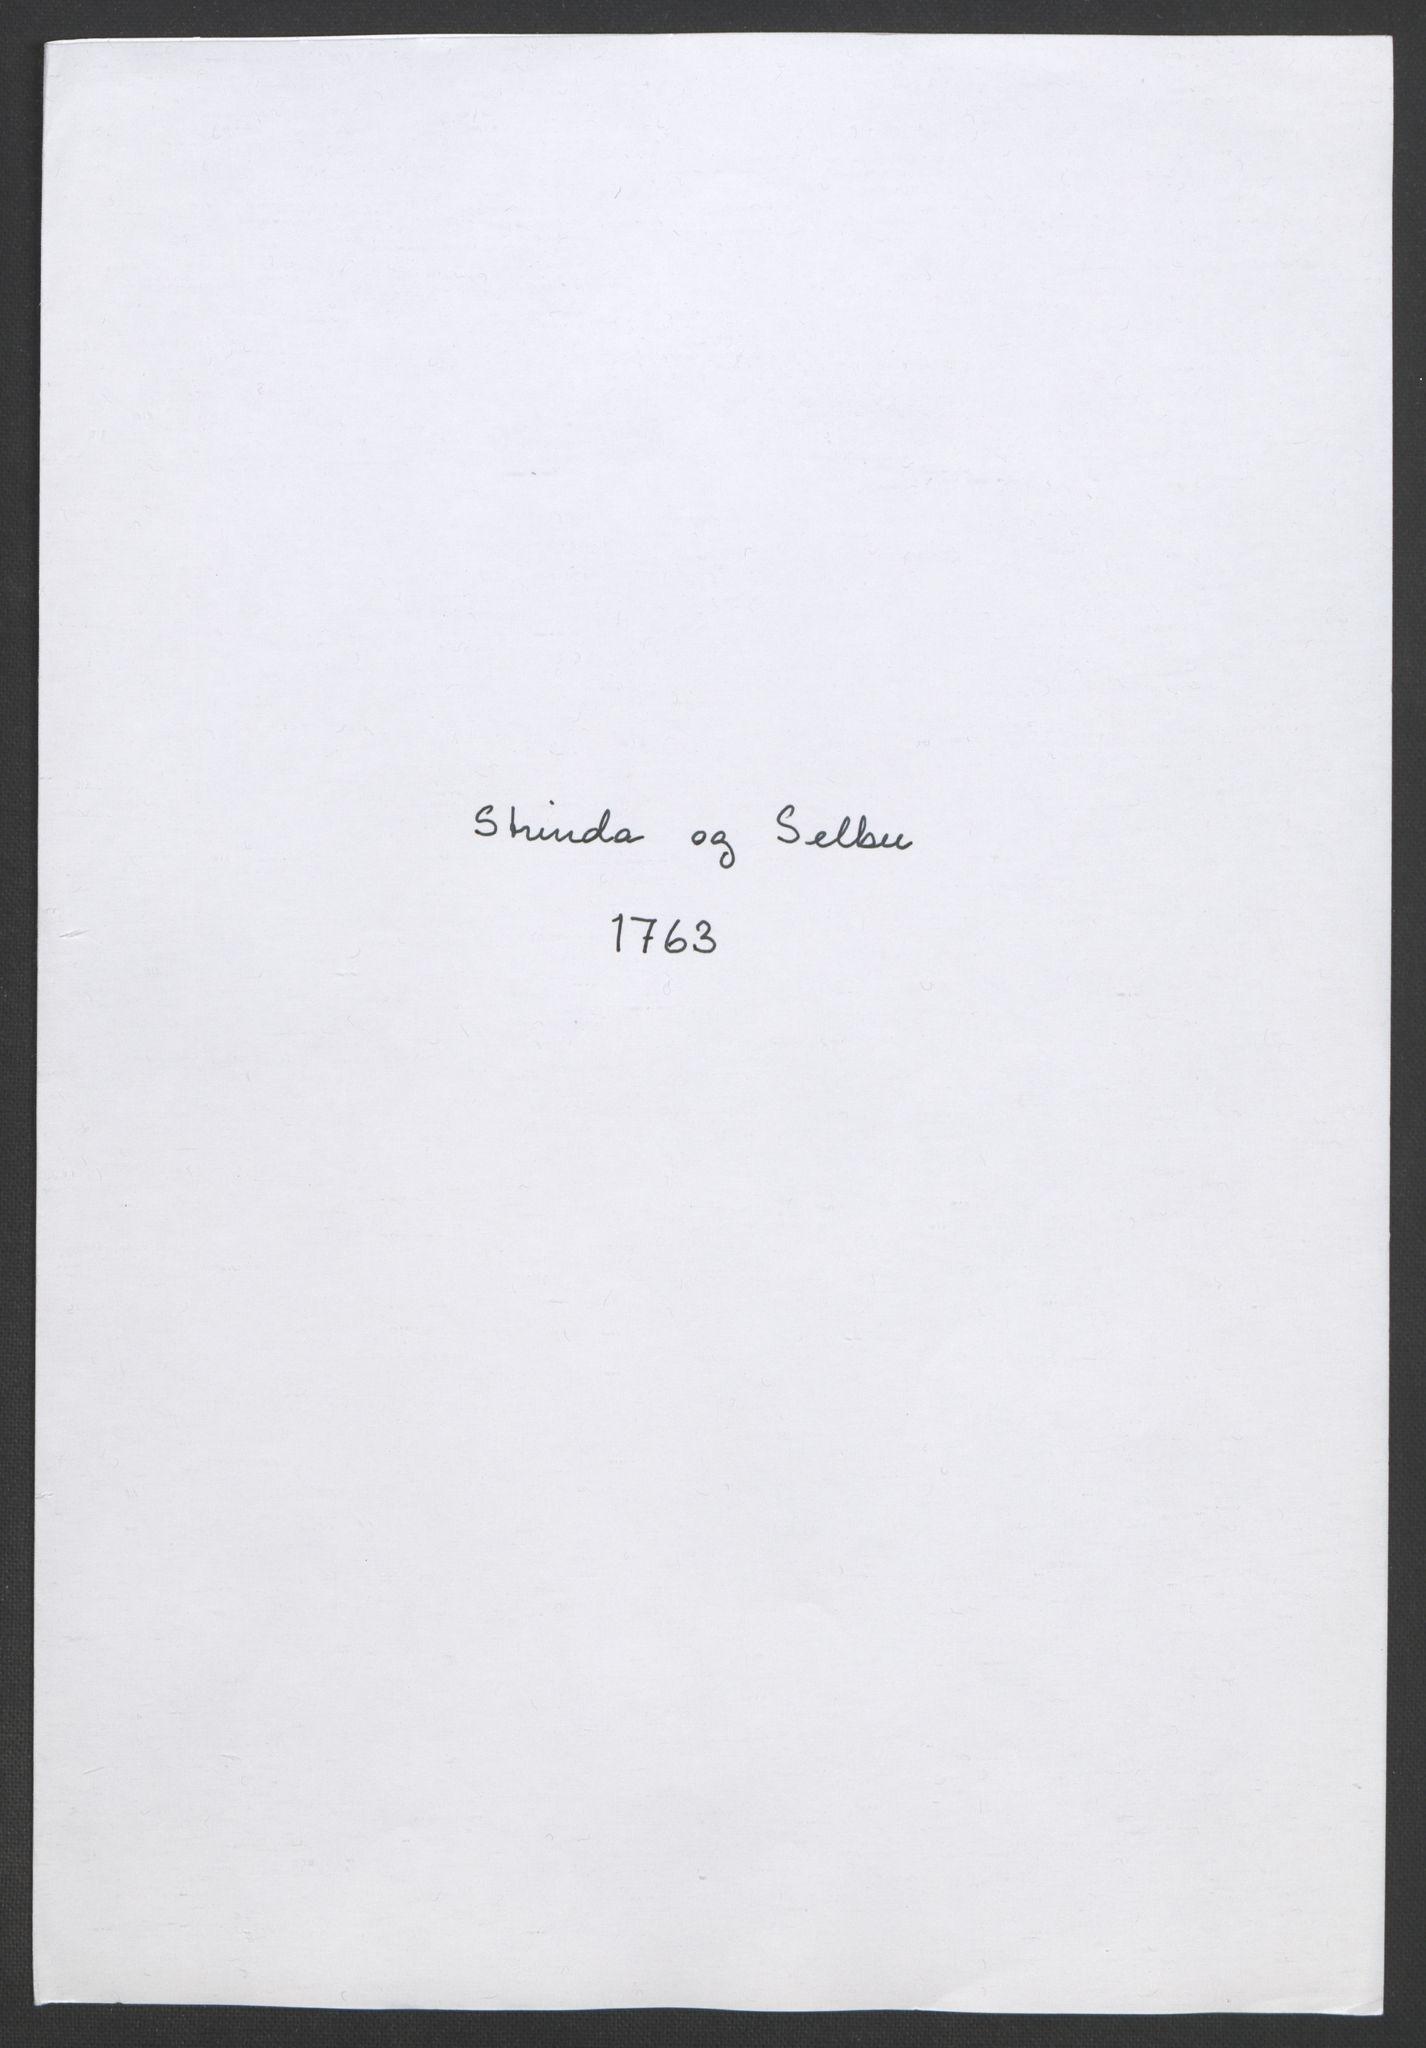 RA, Rentekammeret inntil 1814, Realistisk ordnet avdeling, Ol/L0020: [Gg 10]: Ekstraskatten, 23.09.1762. Romsdal, Strinda, Selbu, Inderøy., 1763, s. 170